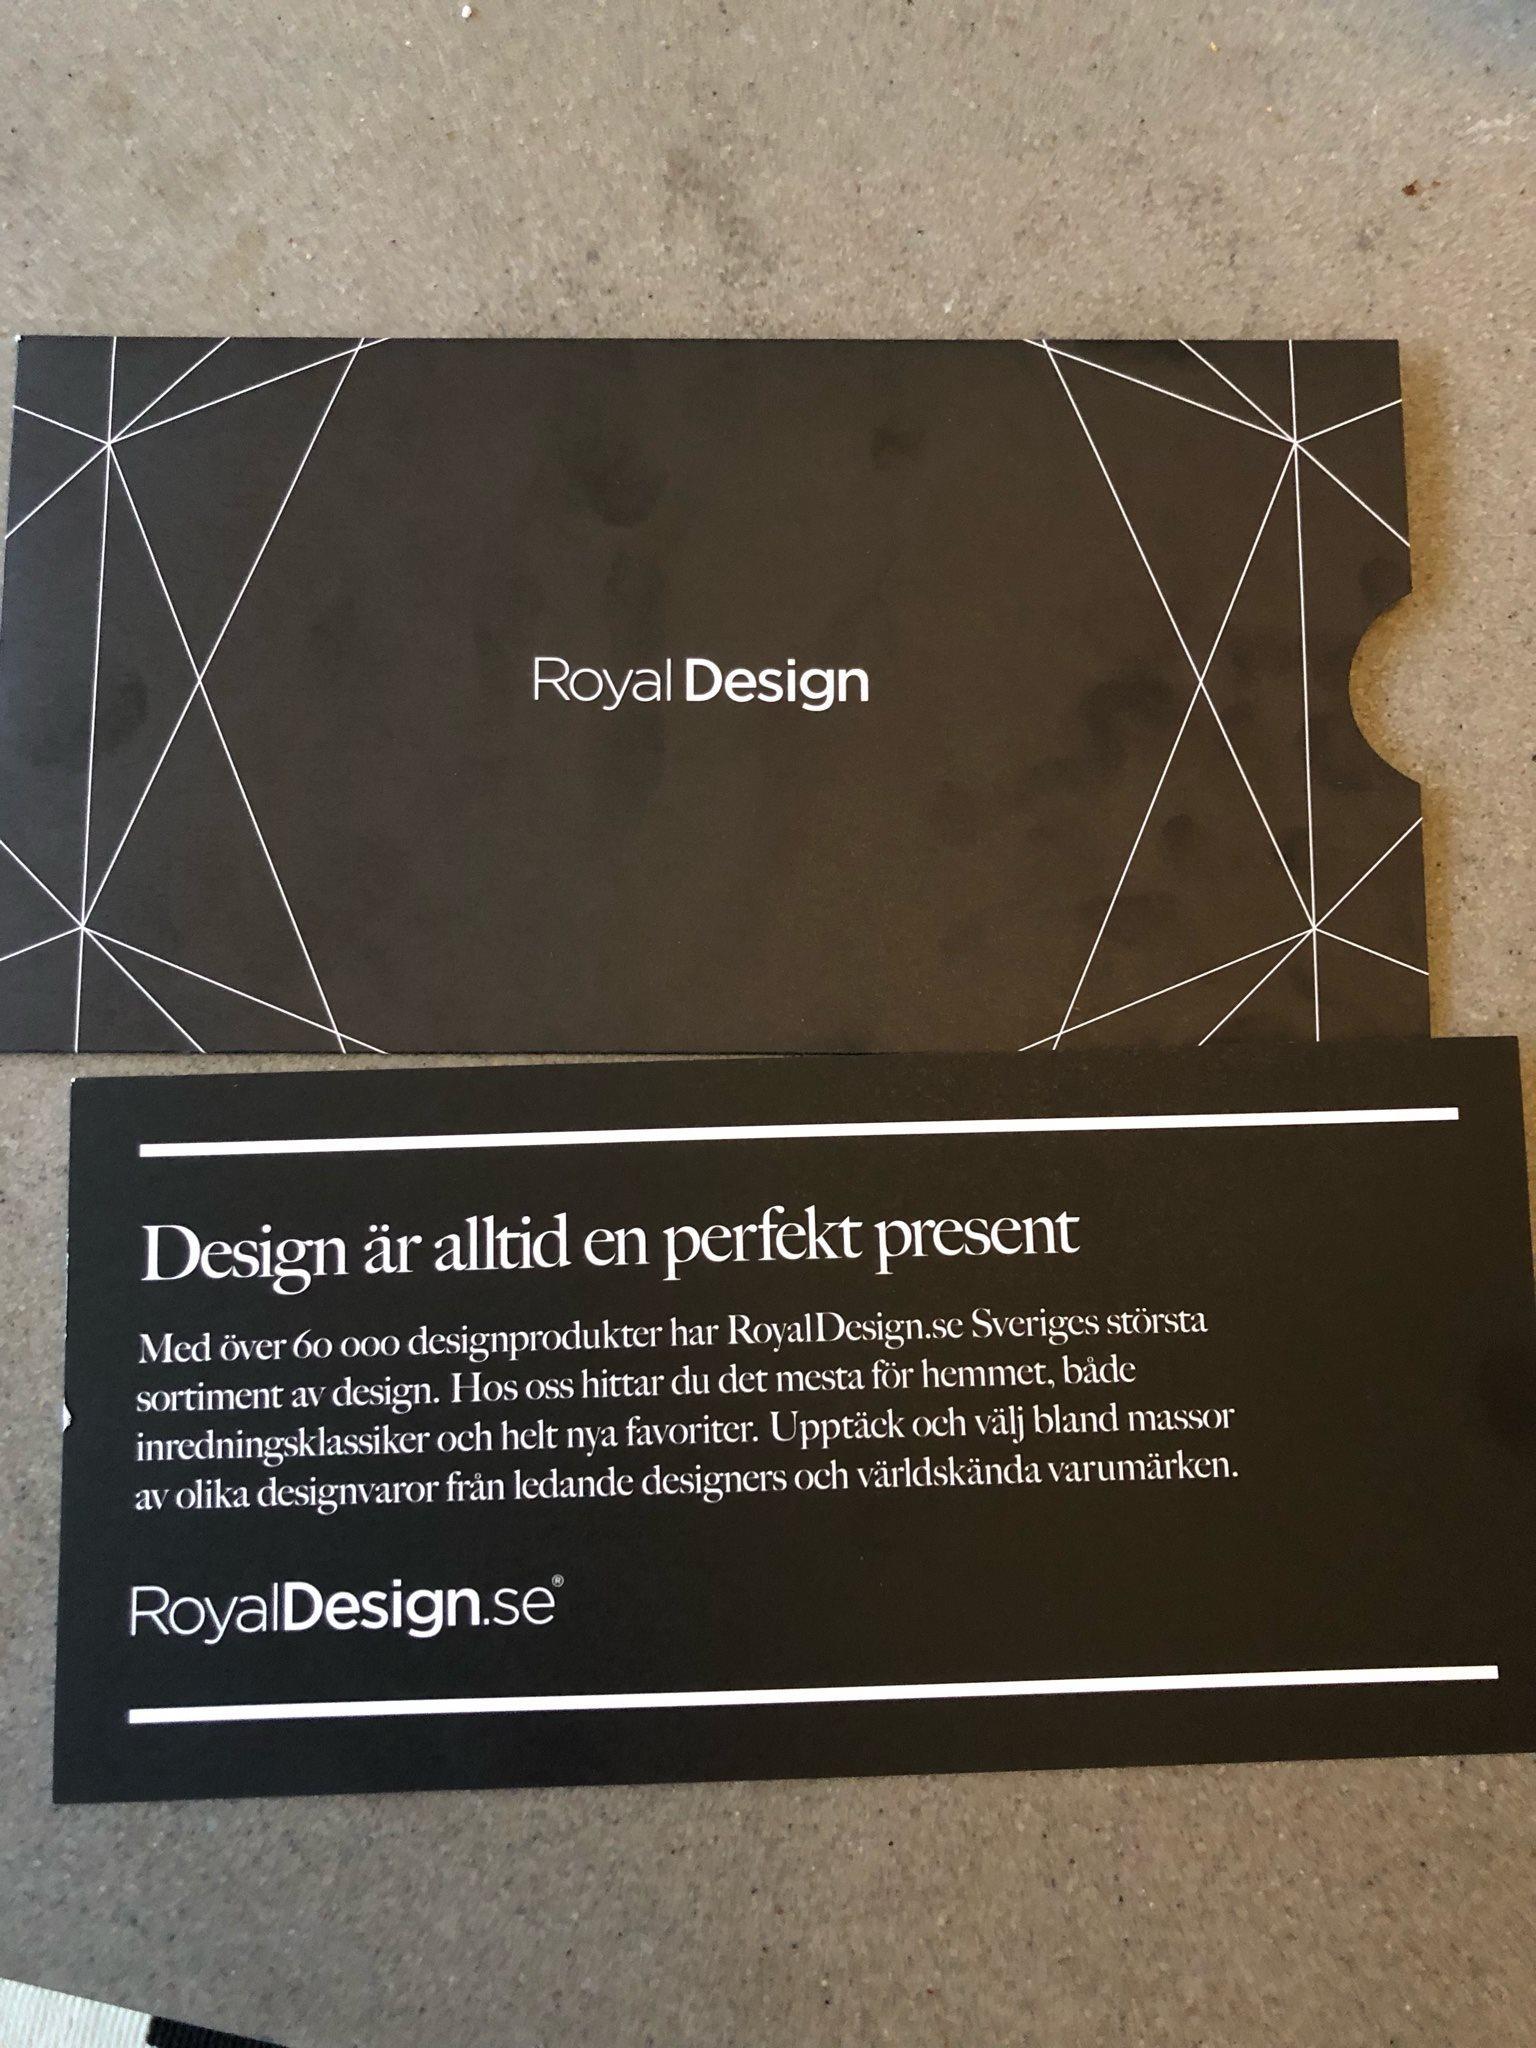 Presentkort royal design (336874962) ᐈ Köp på Tradera 4f926457ad3b1